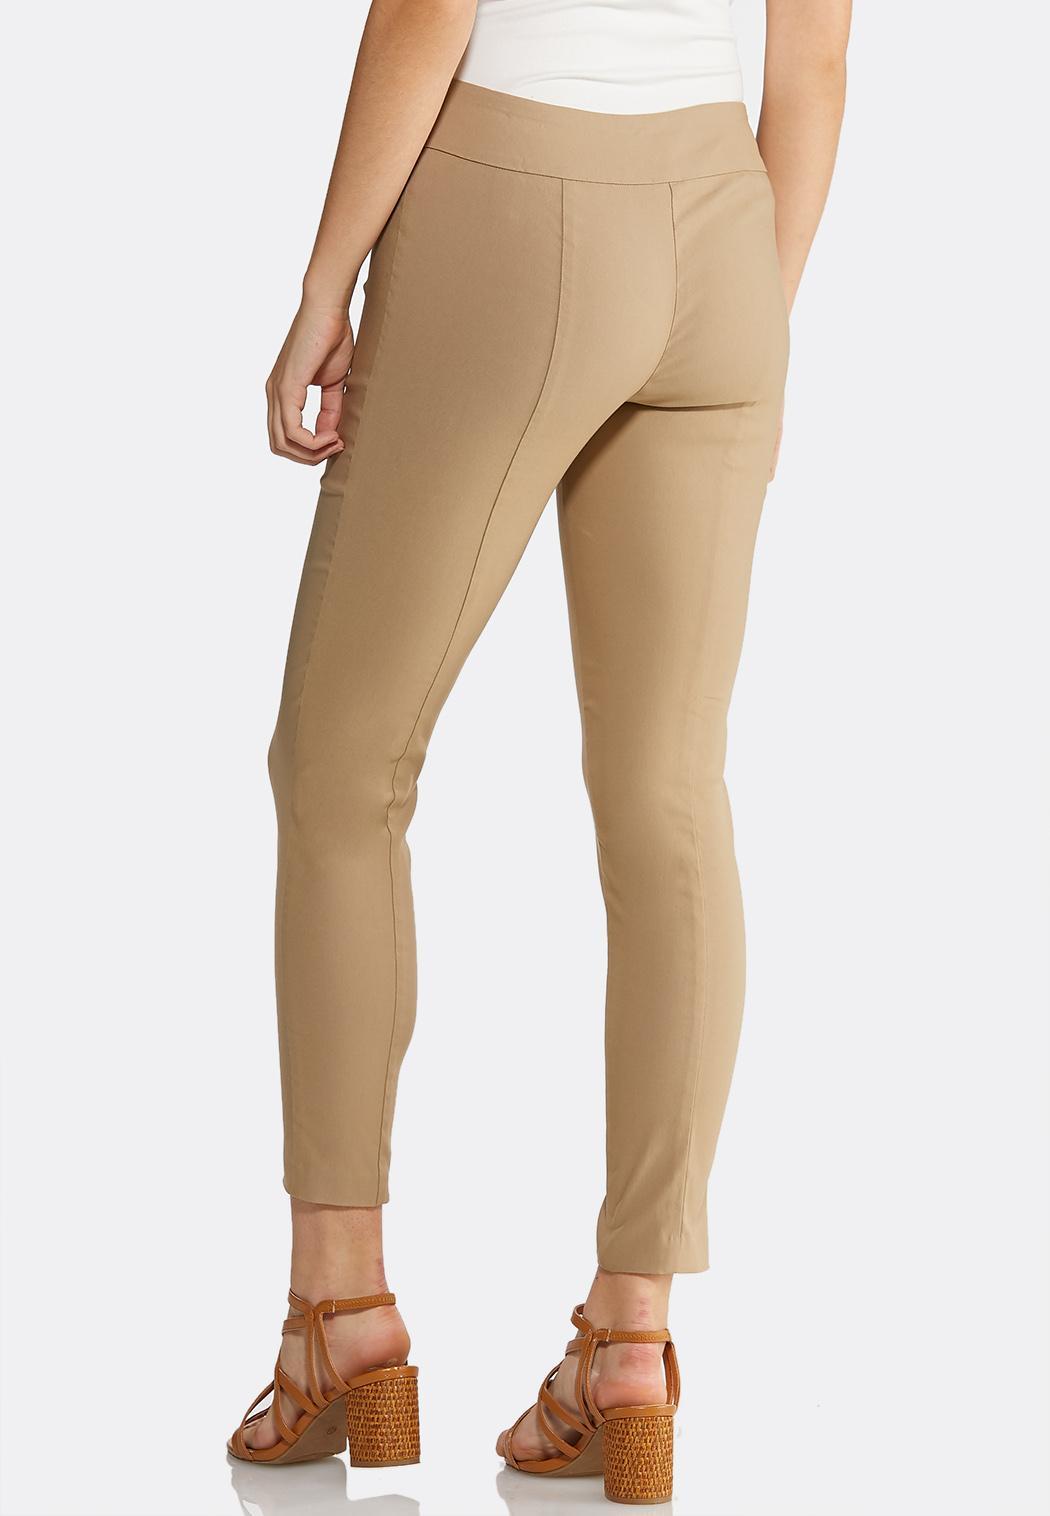 Petite Pull-On Solid Slim Pants (Item #43925899)